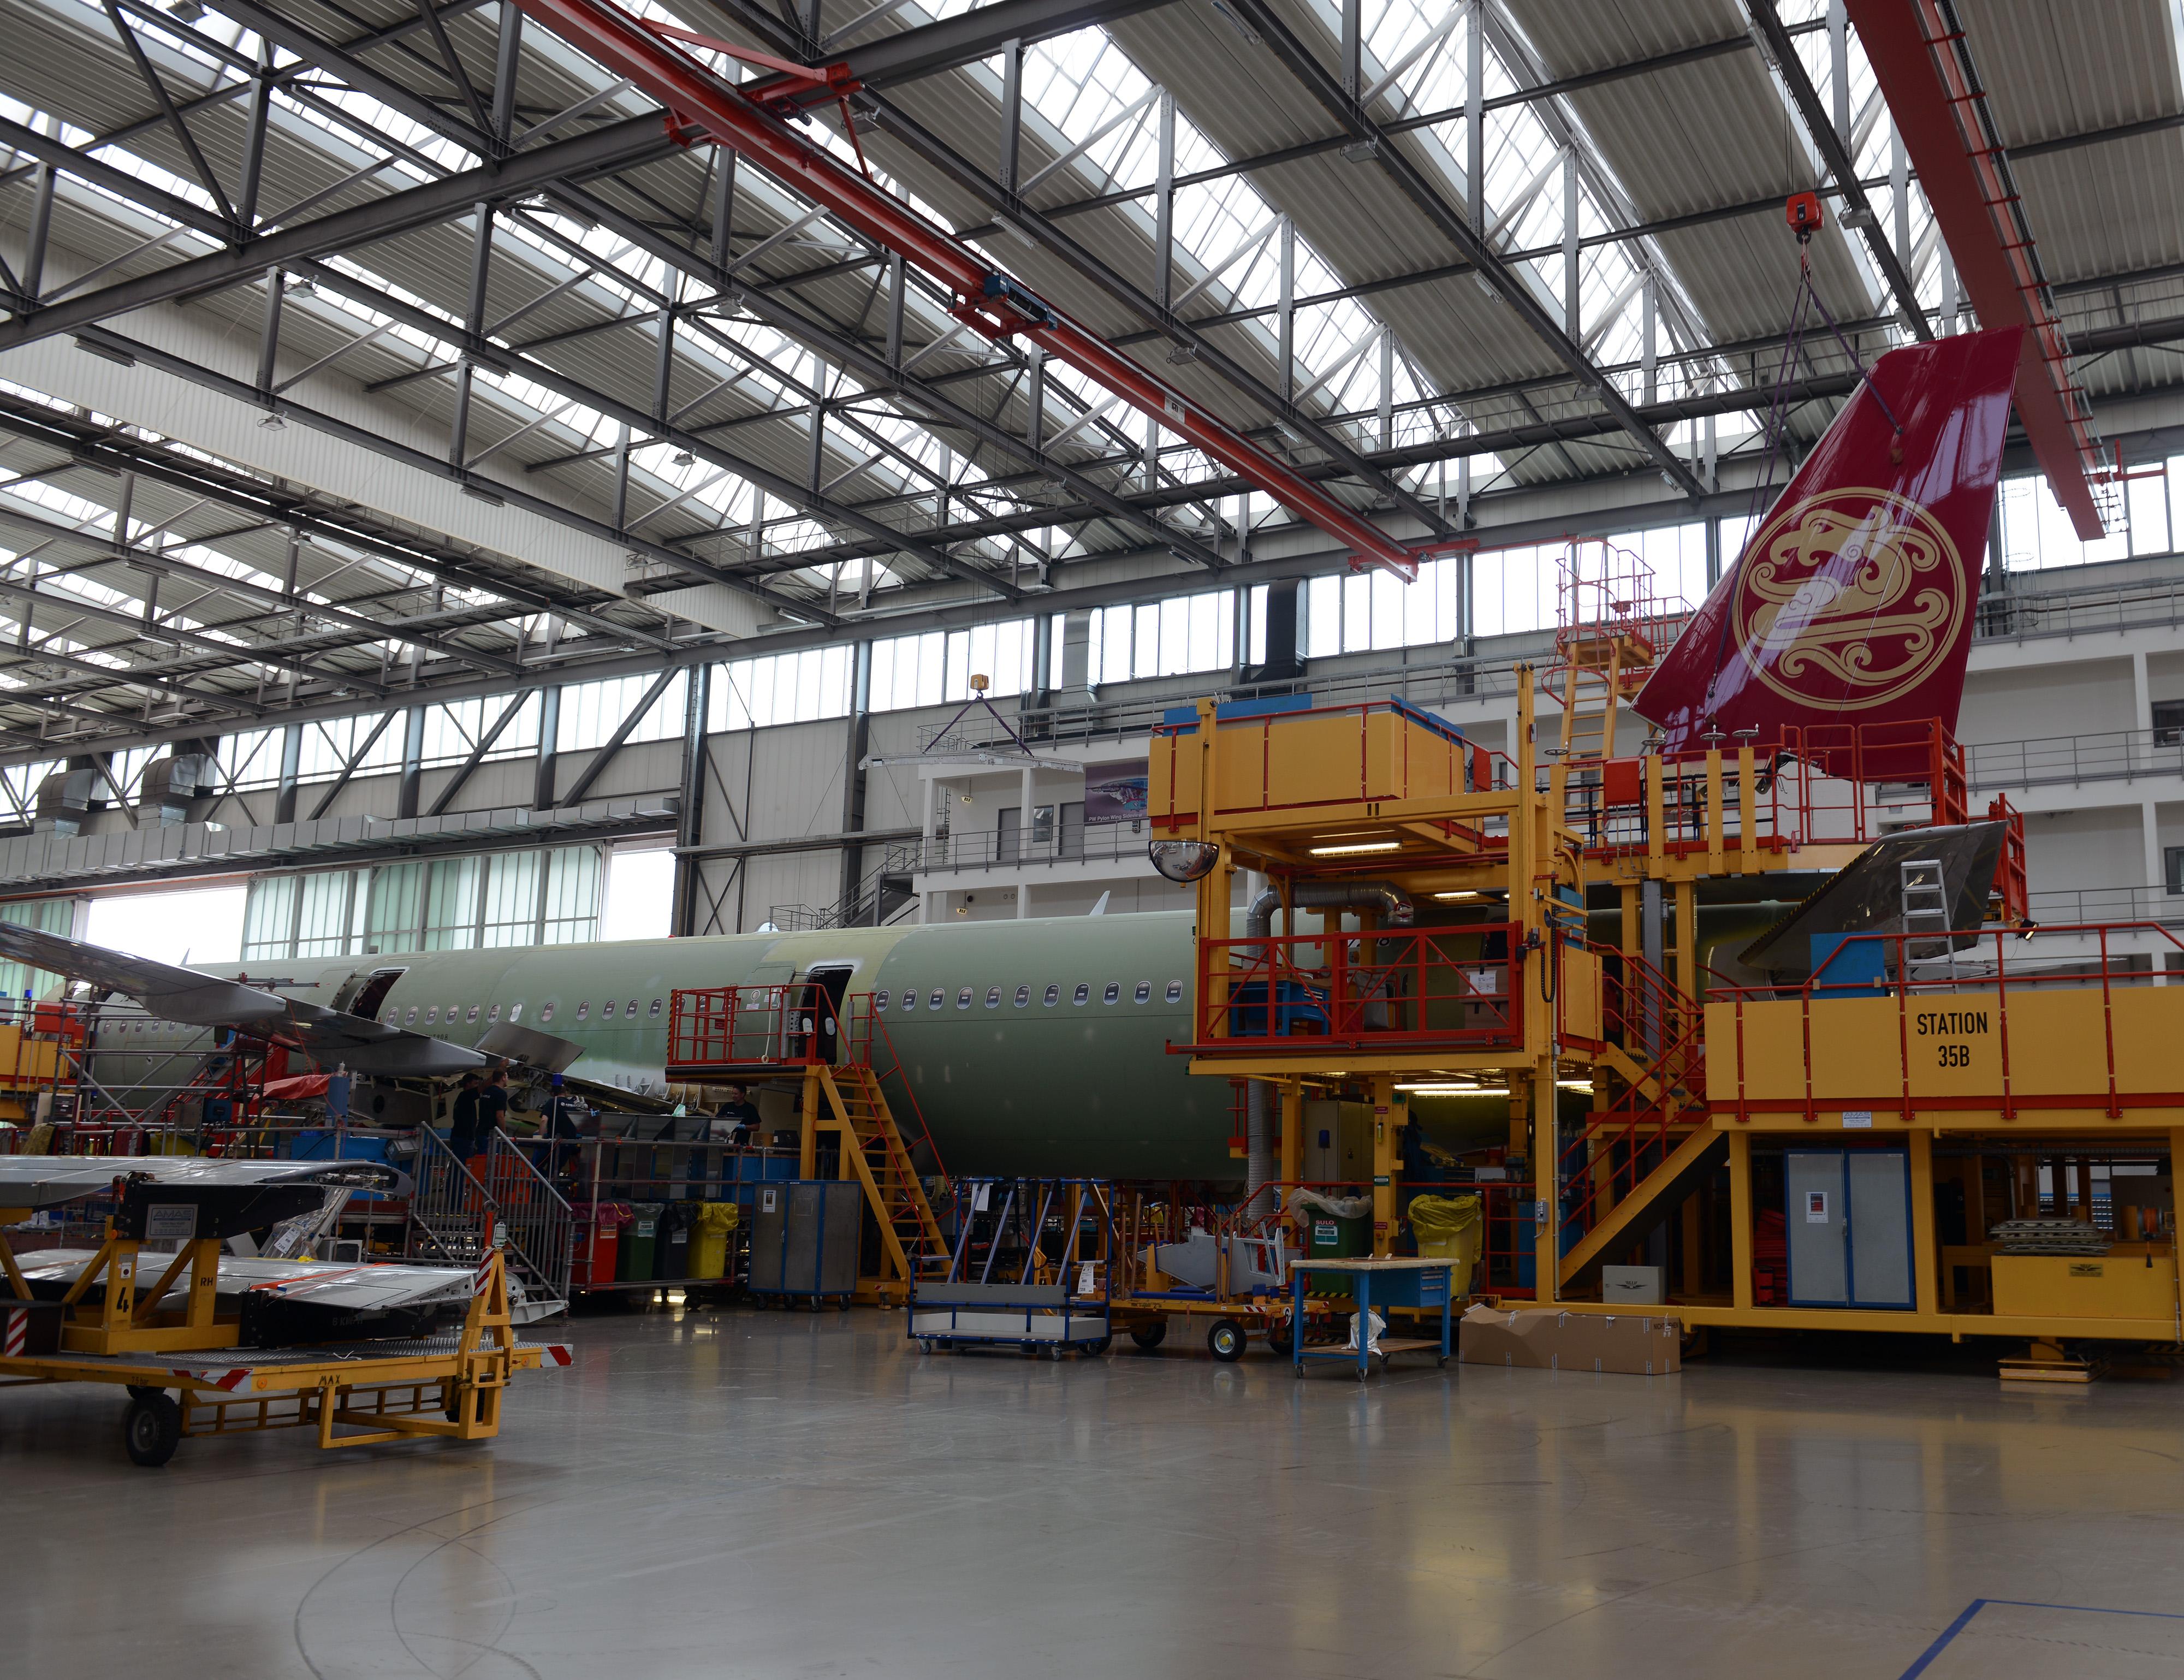 En Airbus A321 på produktionslinjen på fabrikken i Hamborg, hvor haleroret er ved at monteres. (Foto: Joakim J. Hvistendahl)